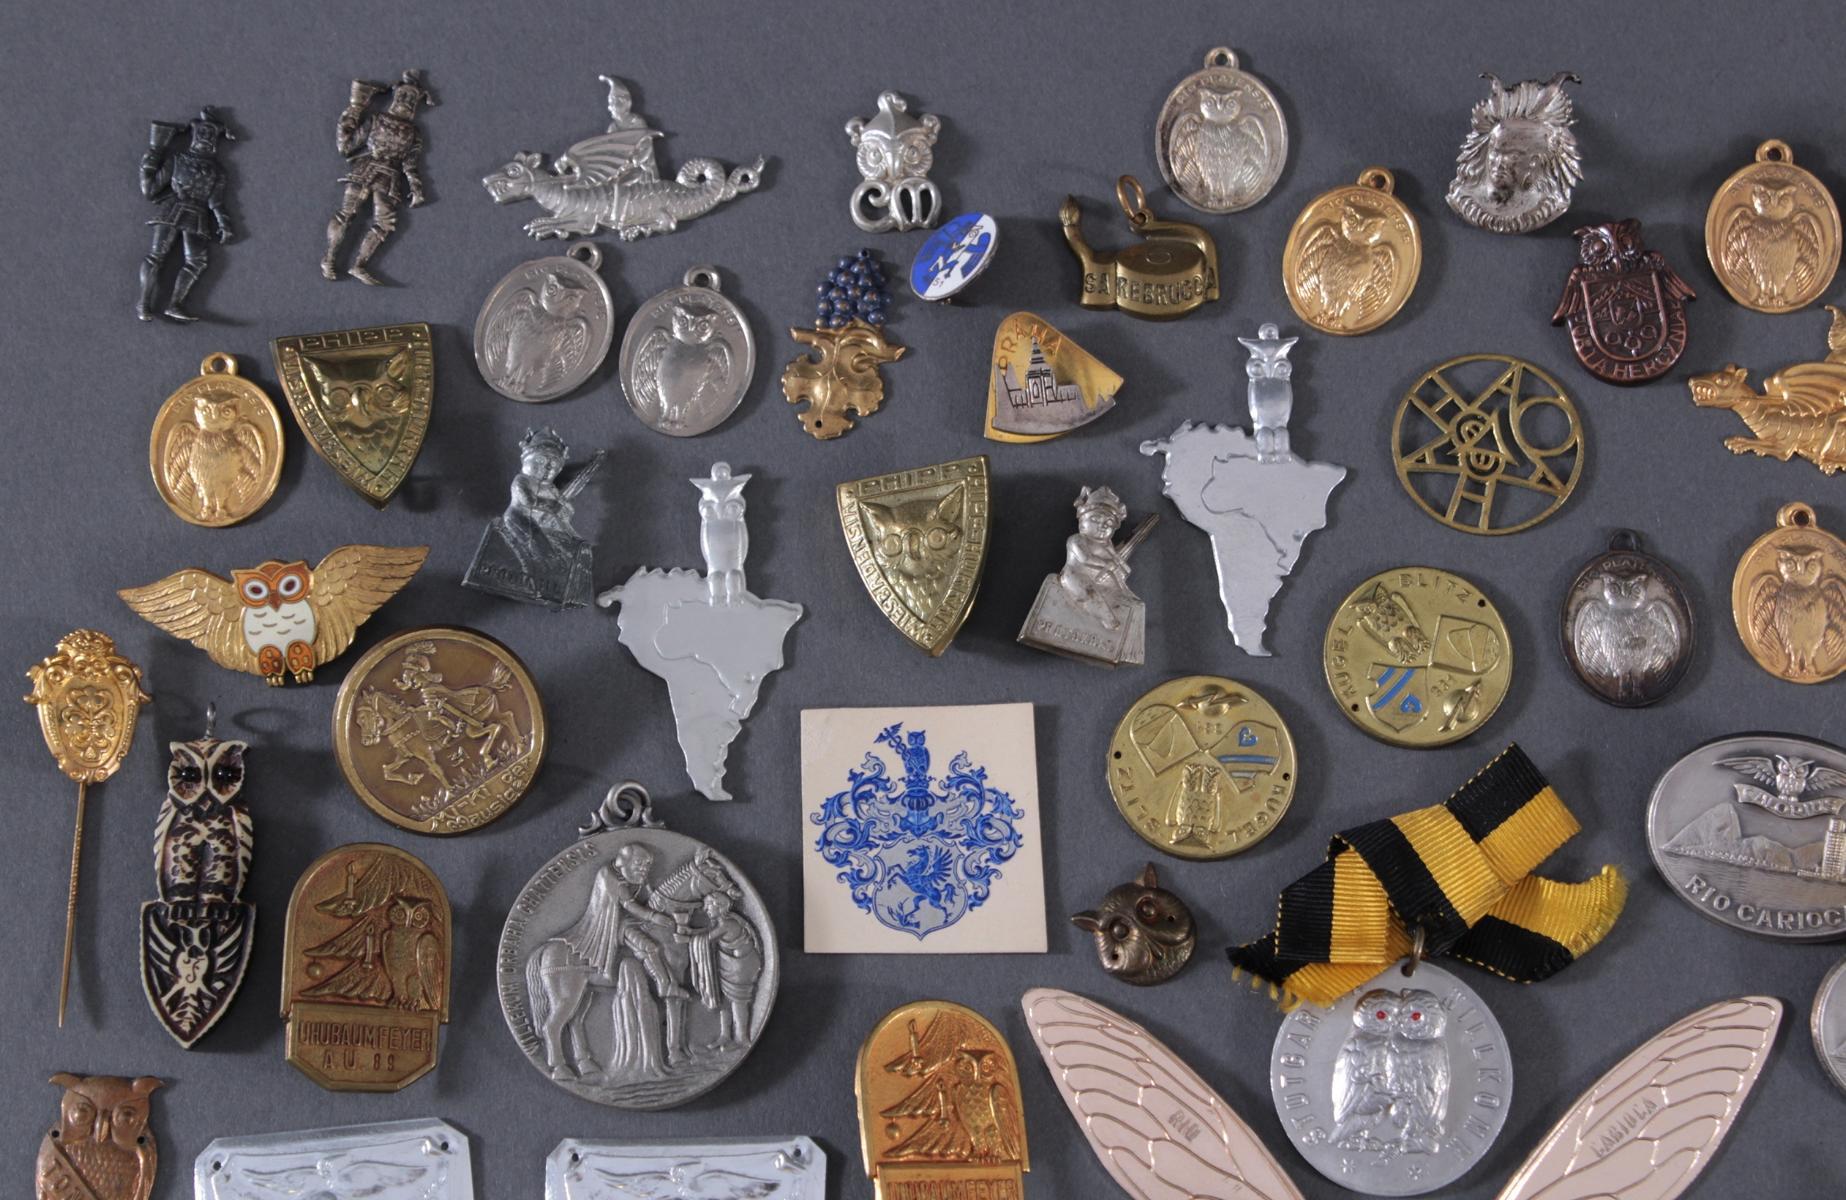 Sammlung Mitglieds- und Veranstaltungsabzeichen Schlaraffia-2